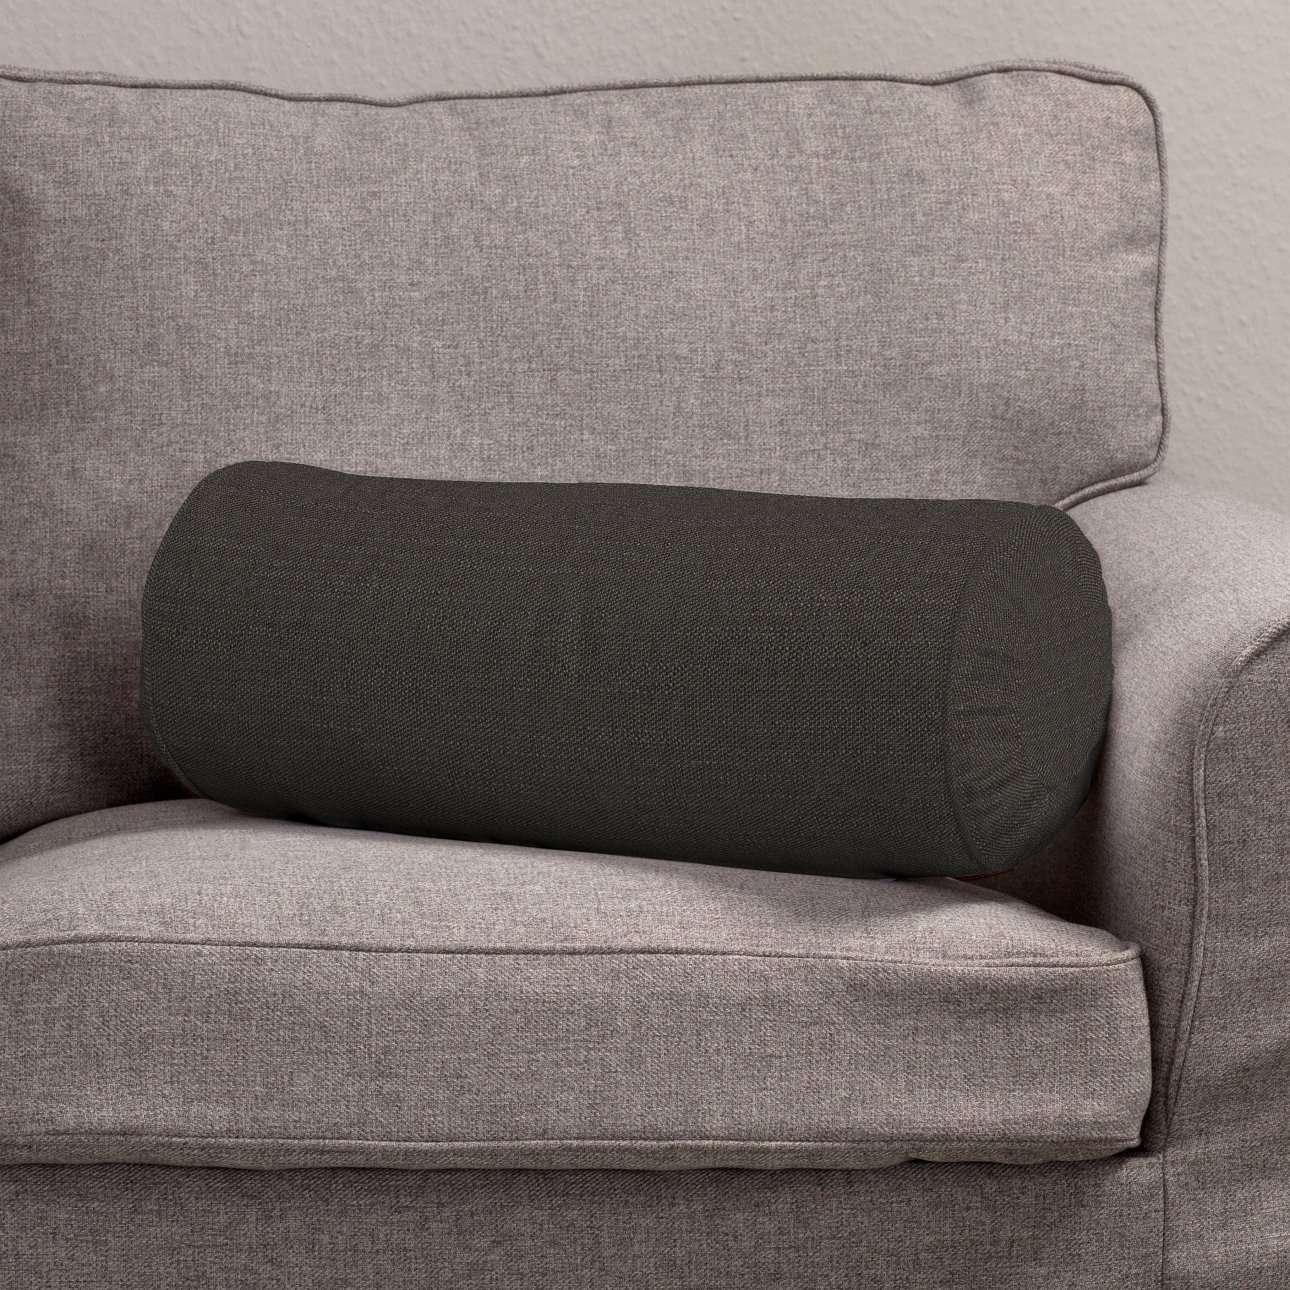 Poduszka wałek z zakładkami w kolekcji Vintage, tkanina: 702-36